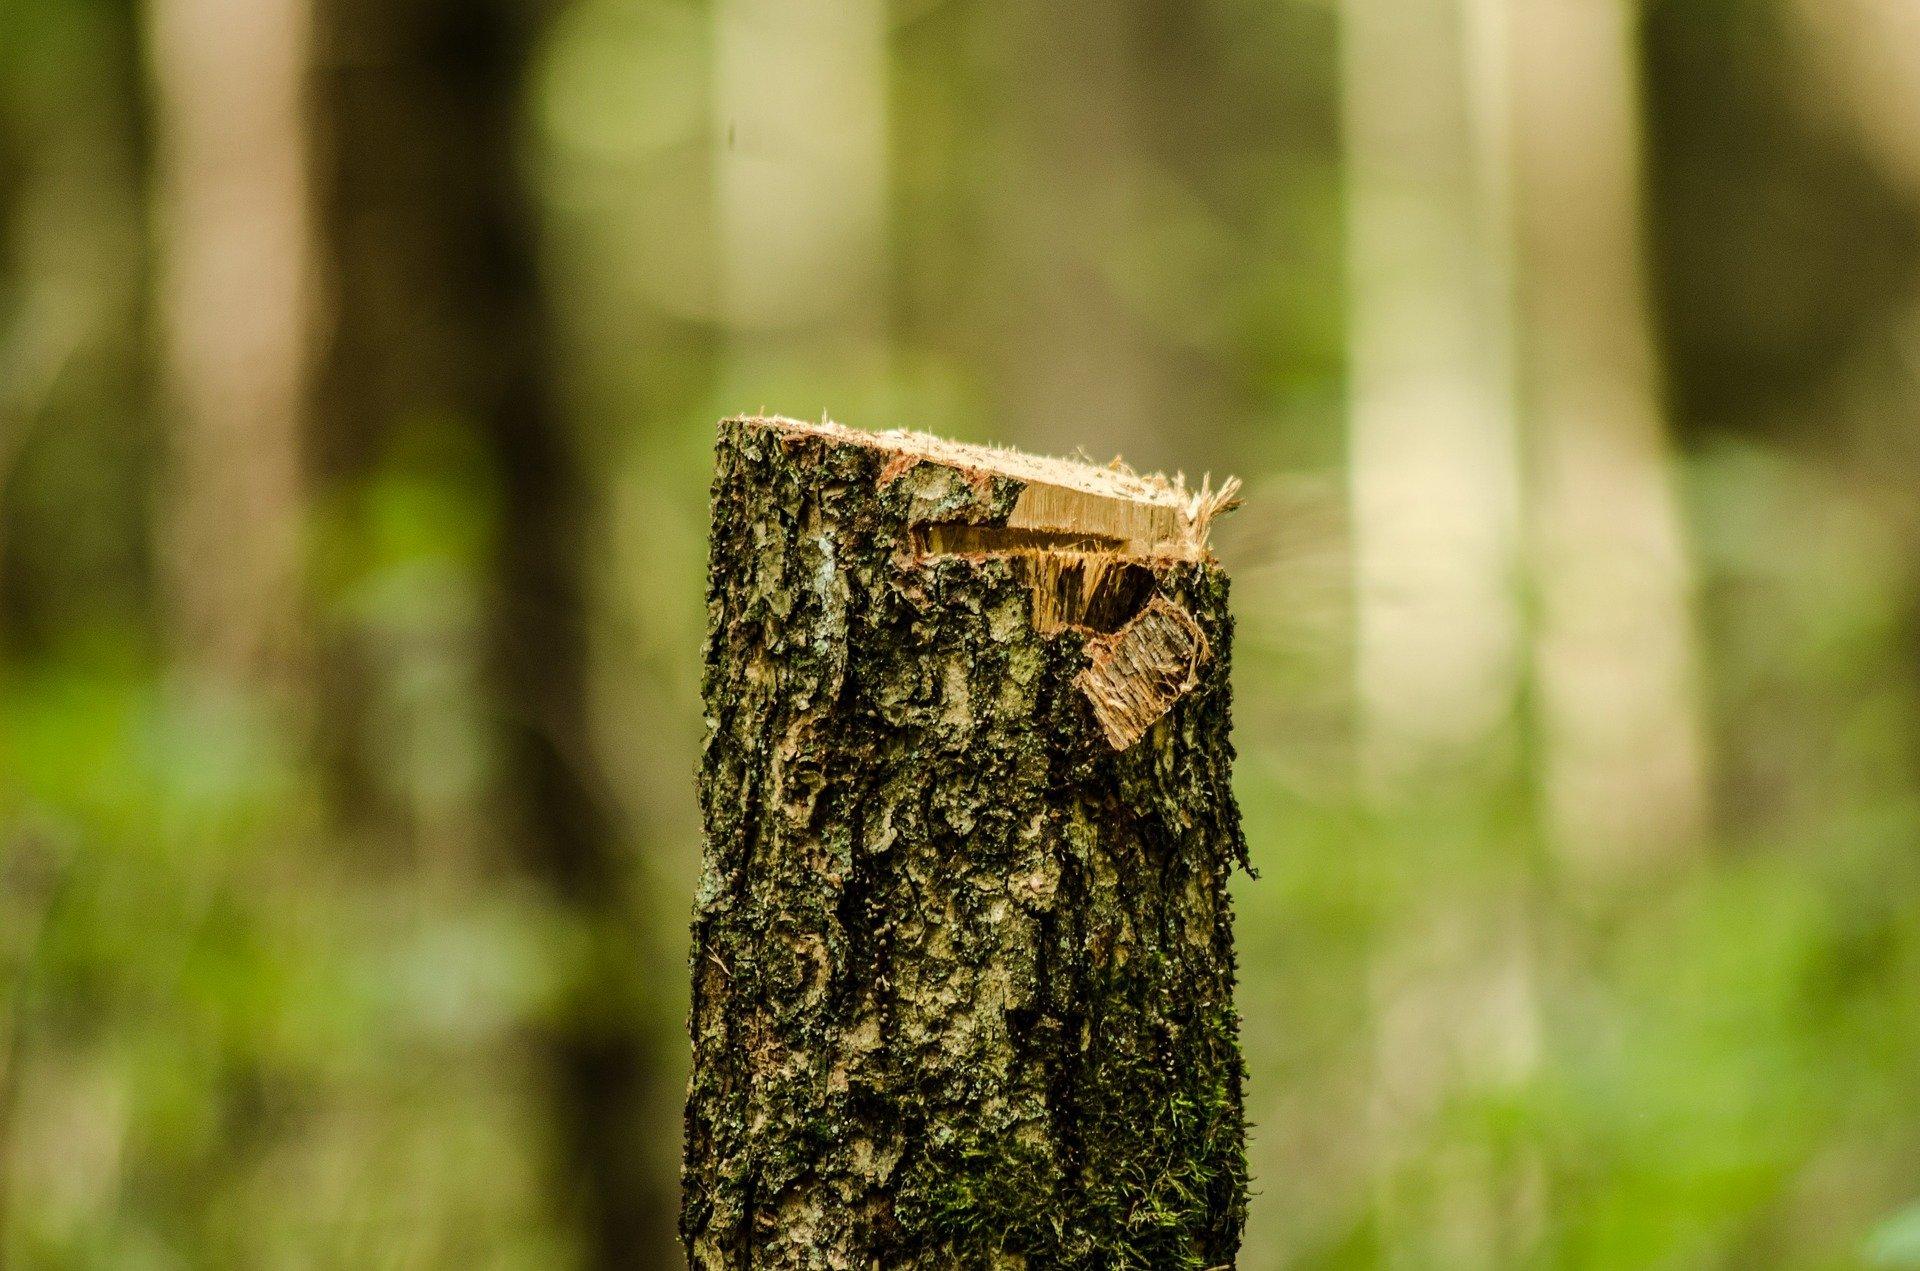 Czy sąsiad może legalnie zmusić nas do wycinki drzew?